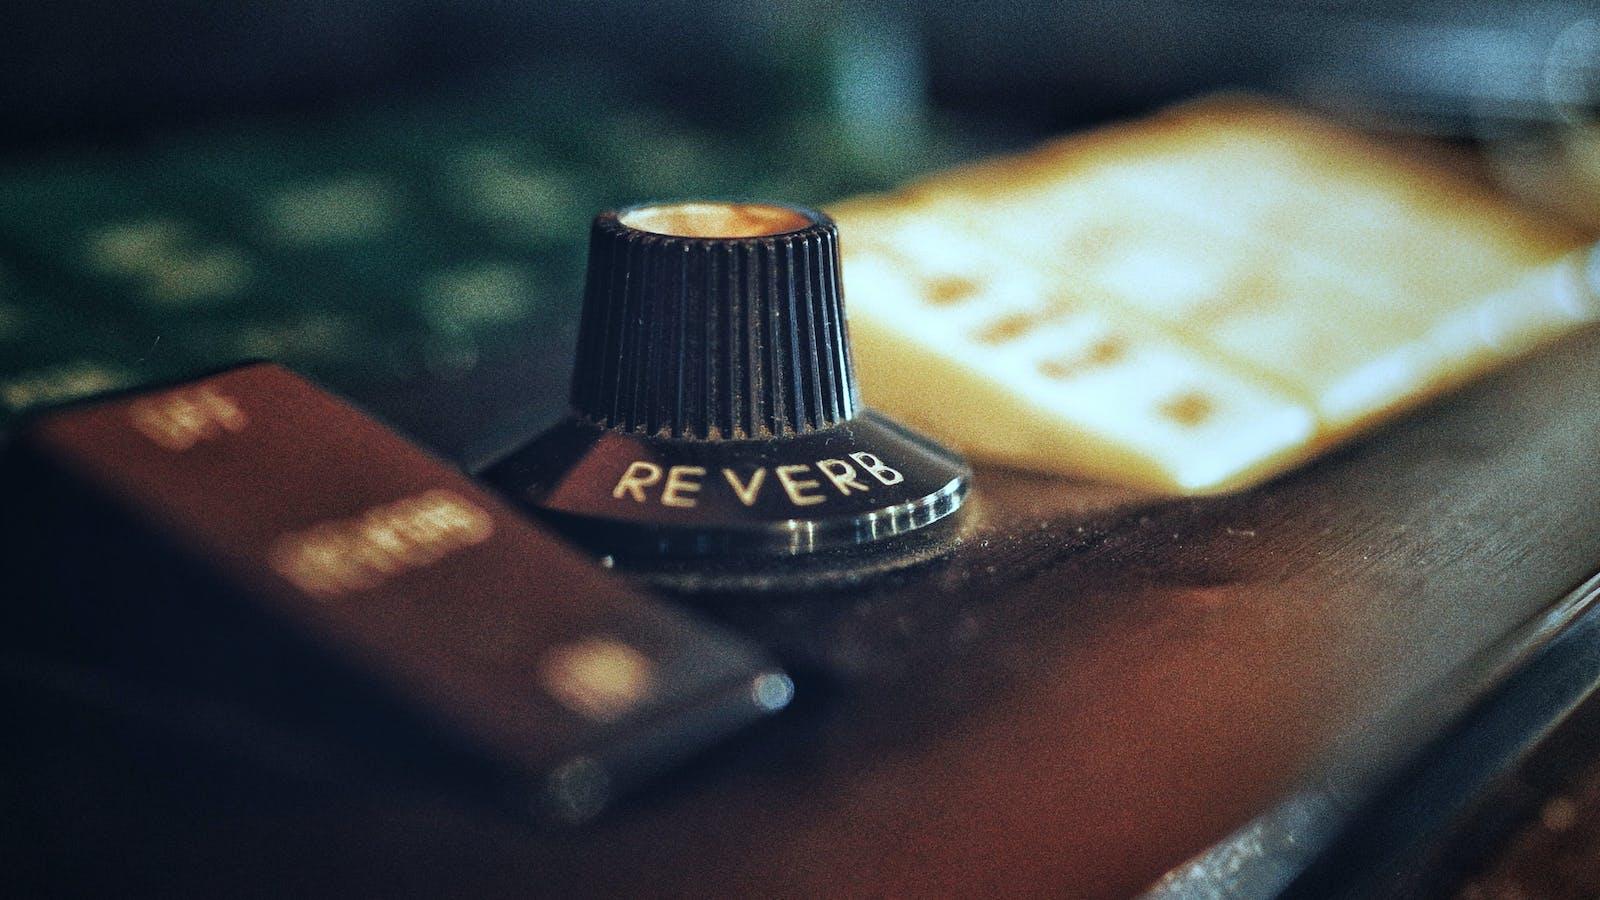 Reverb knob on music equipment